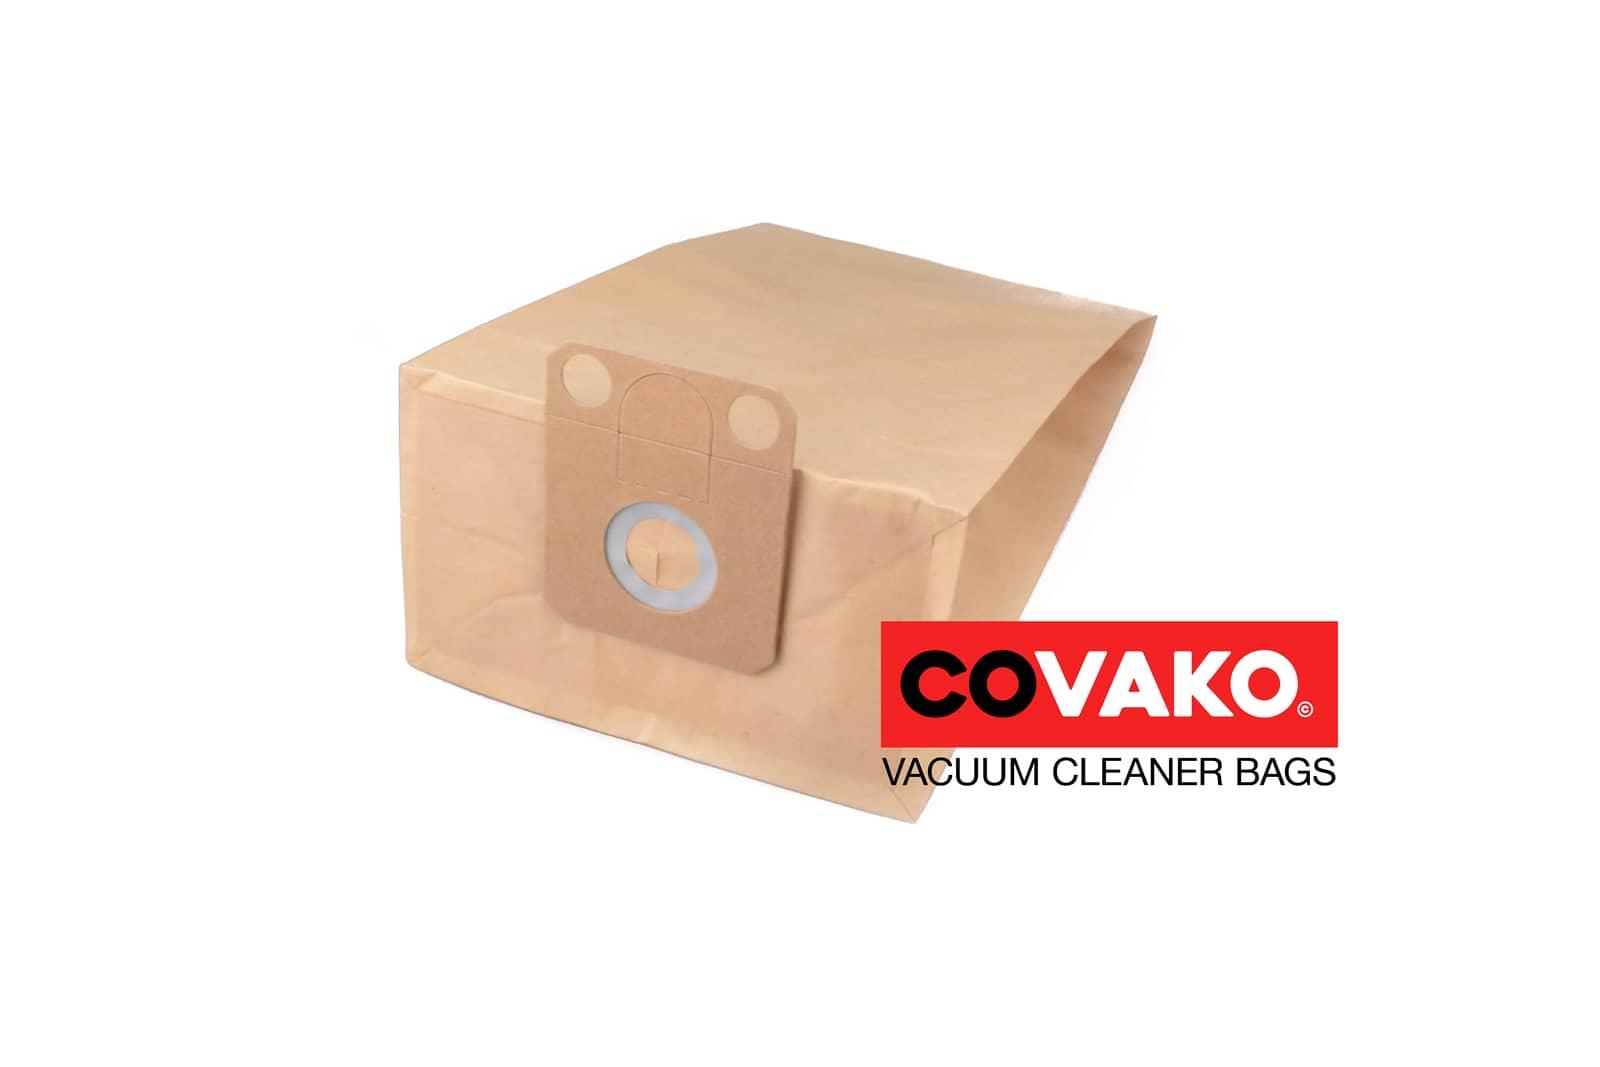 Alto GD 1005 / Papier - Alto sacs d'aspirateur